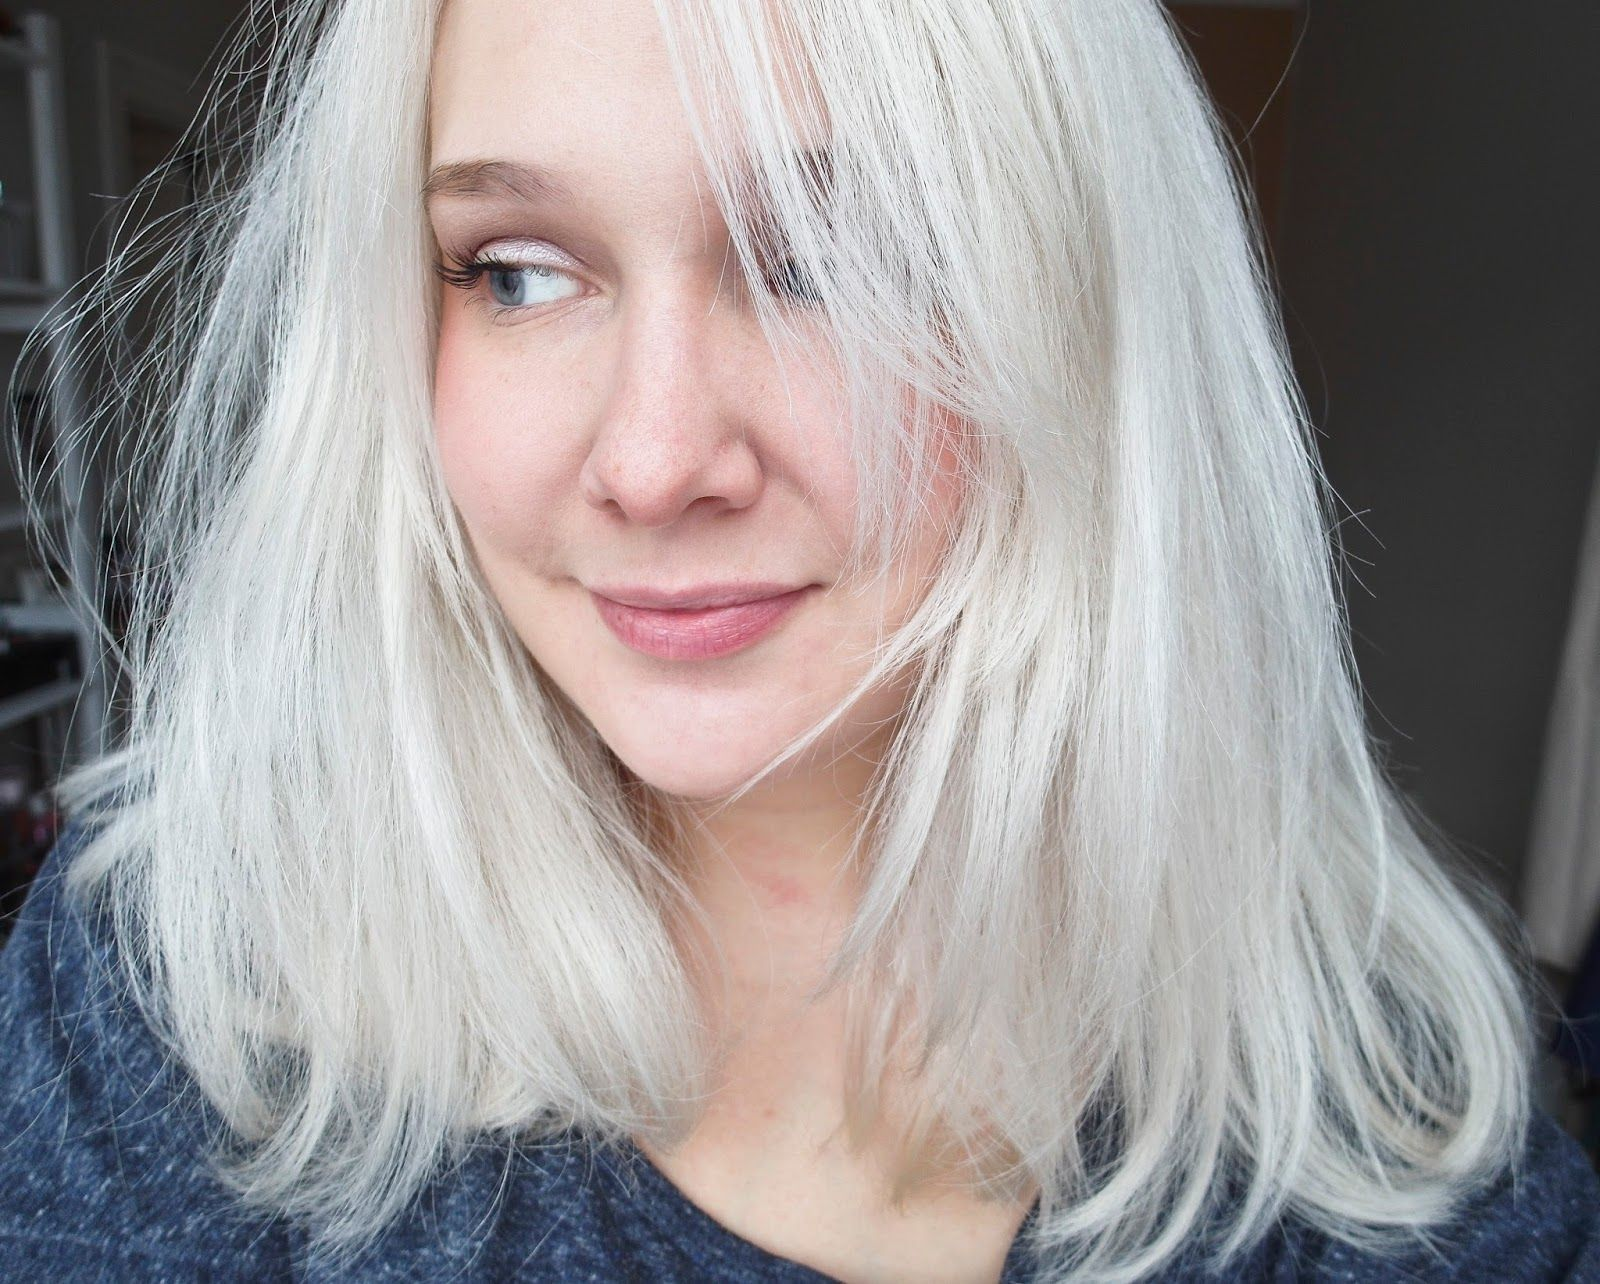 le blond presque blanc mes conseils pour une dcoloration la maison les folies de cecy blog beaut tendances maquillage et coiffure babies - Coloration Blonde Maison